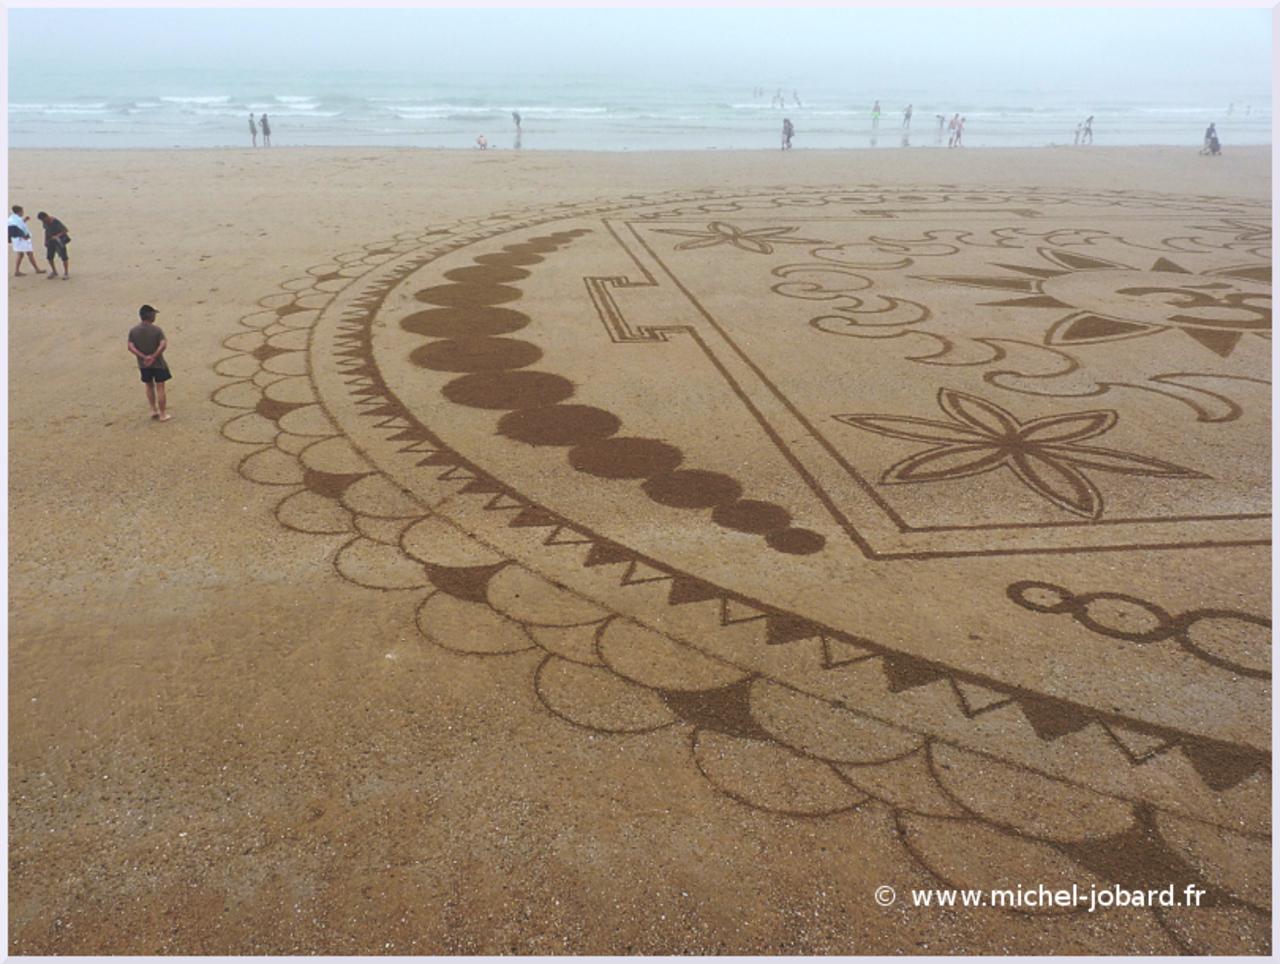 beach-art-akasha-05